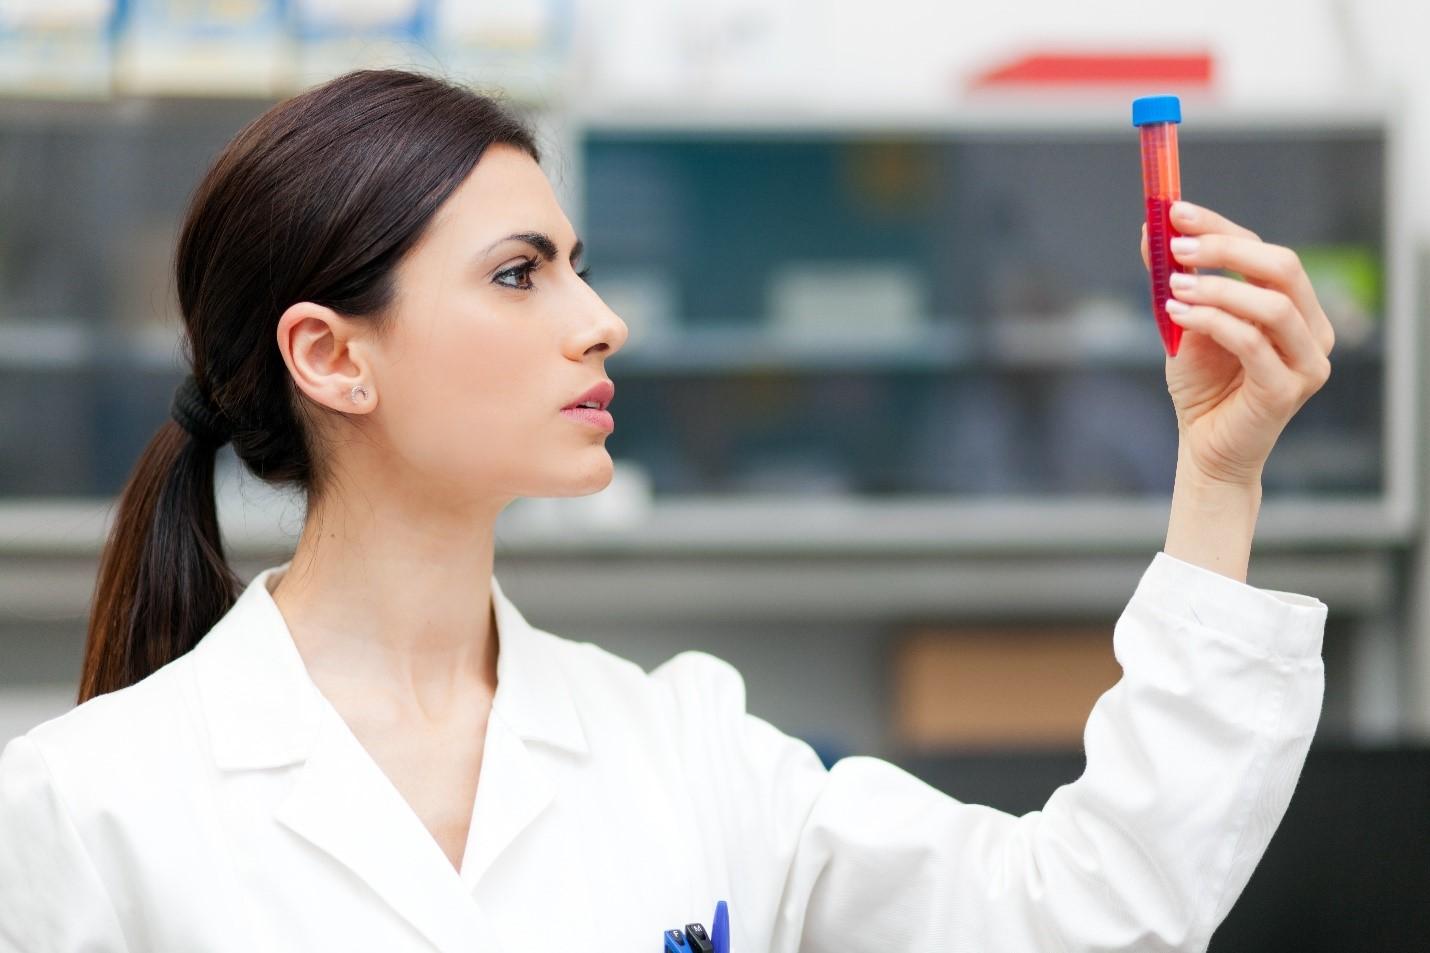 Лимфоузлы в паху у мужчин и женщин, лечение воспаления лимфоузлов в паху